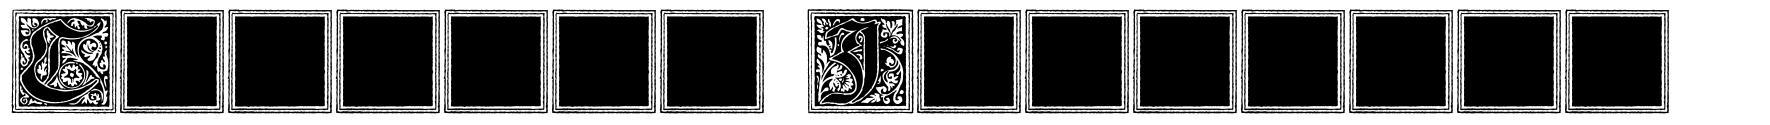 Camelot Initials fonte